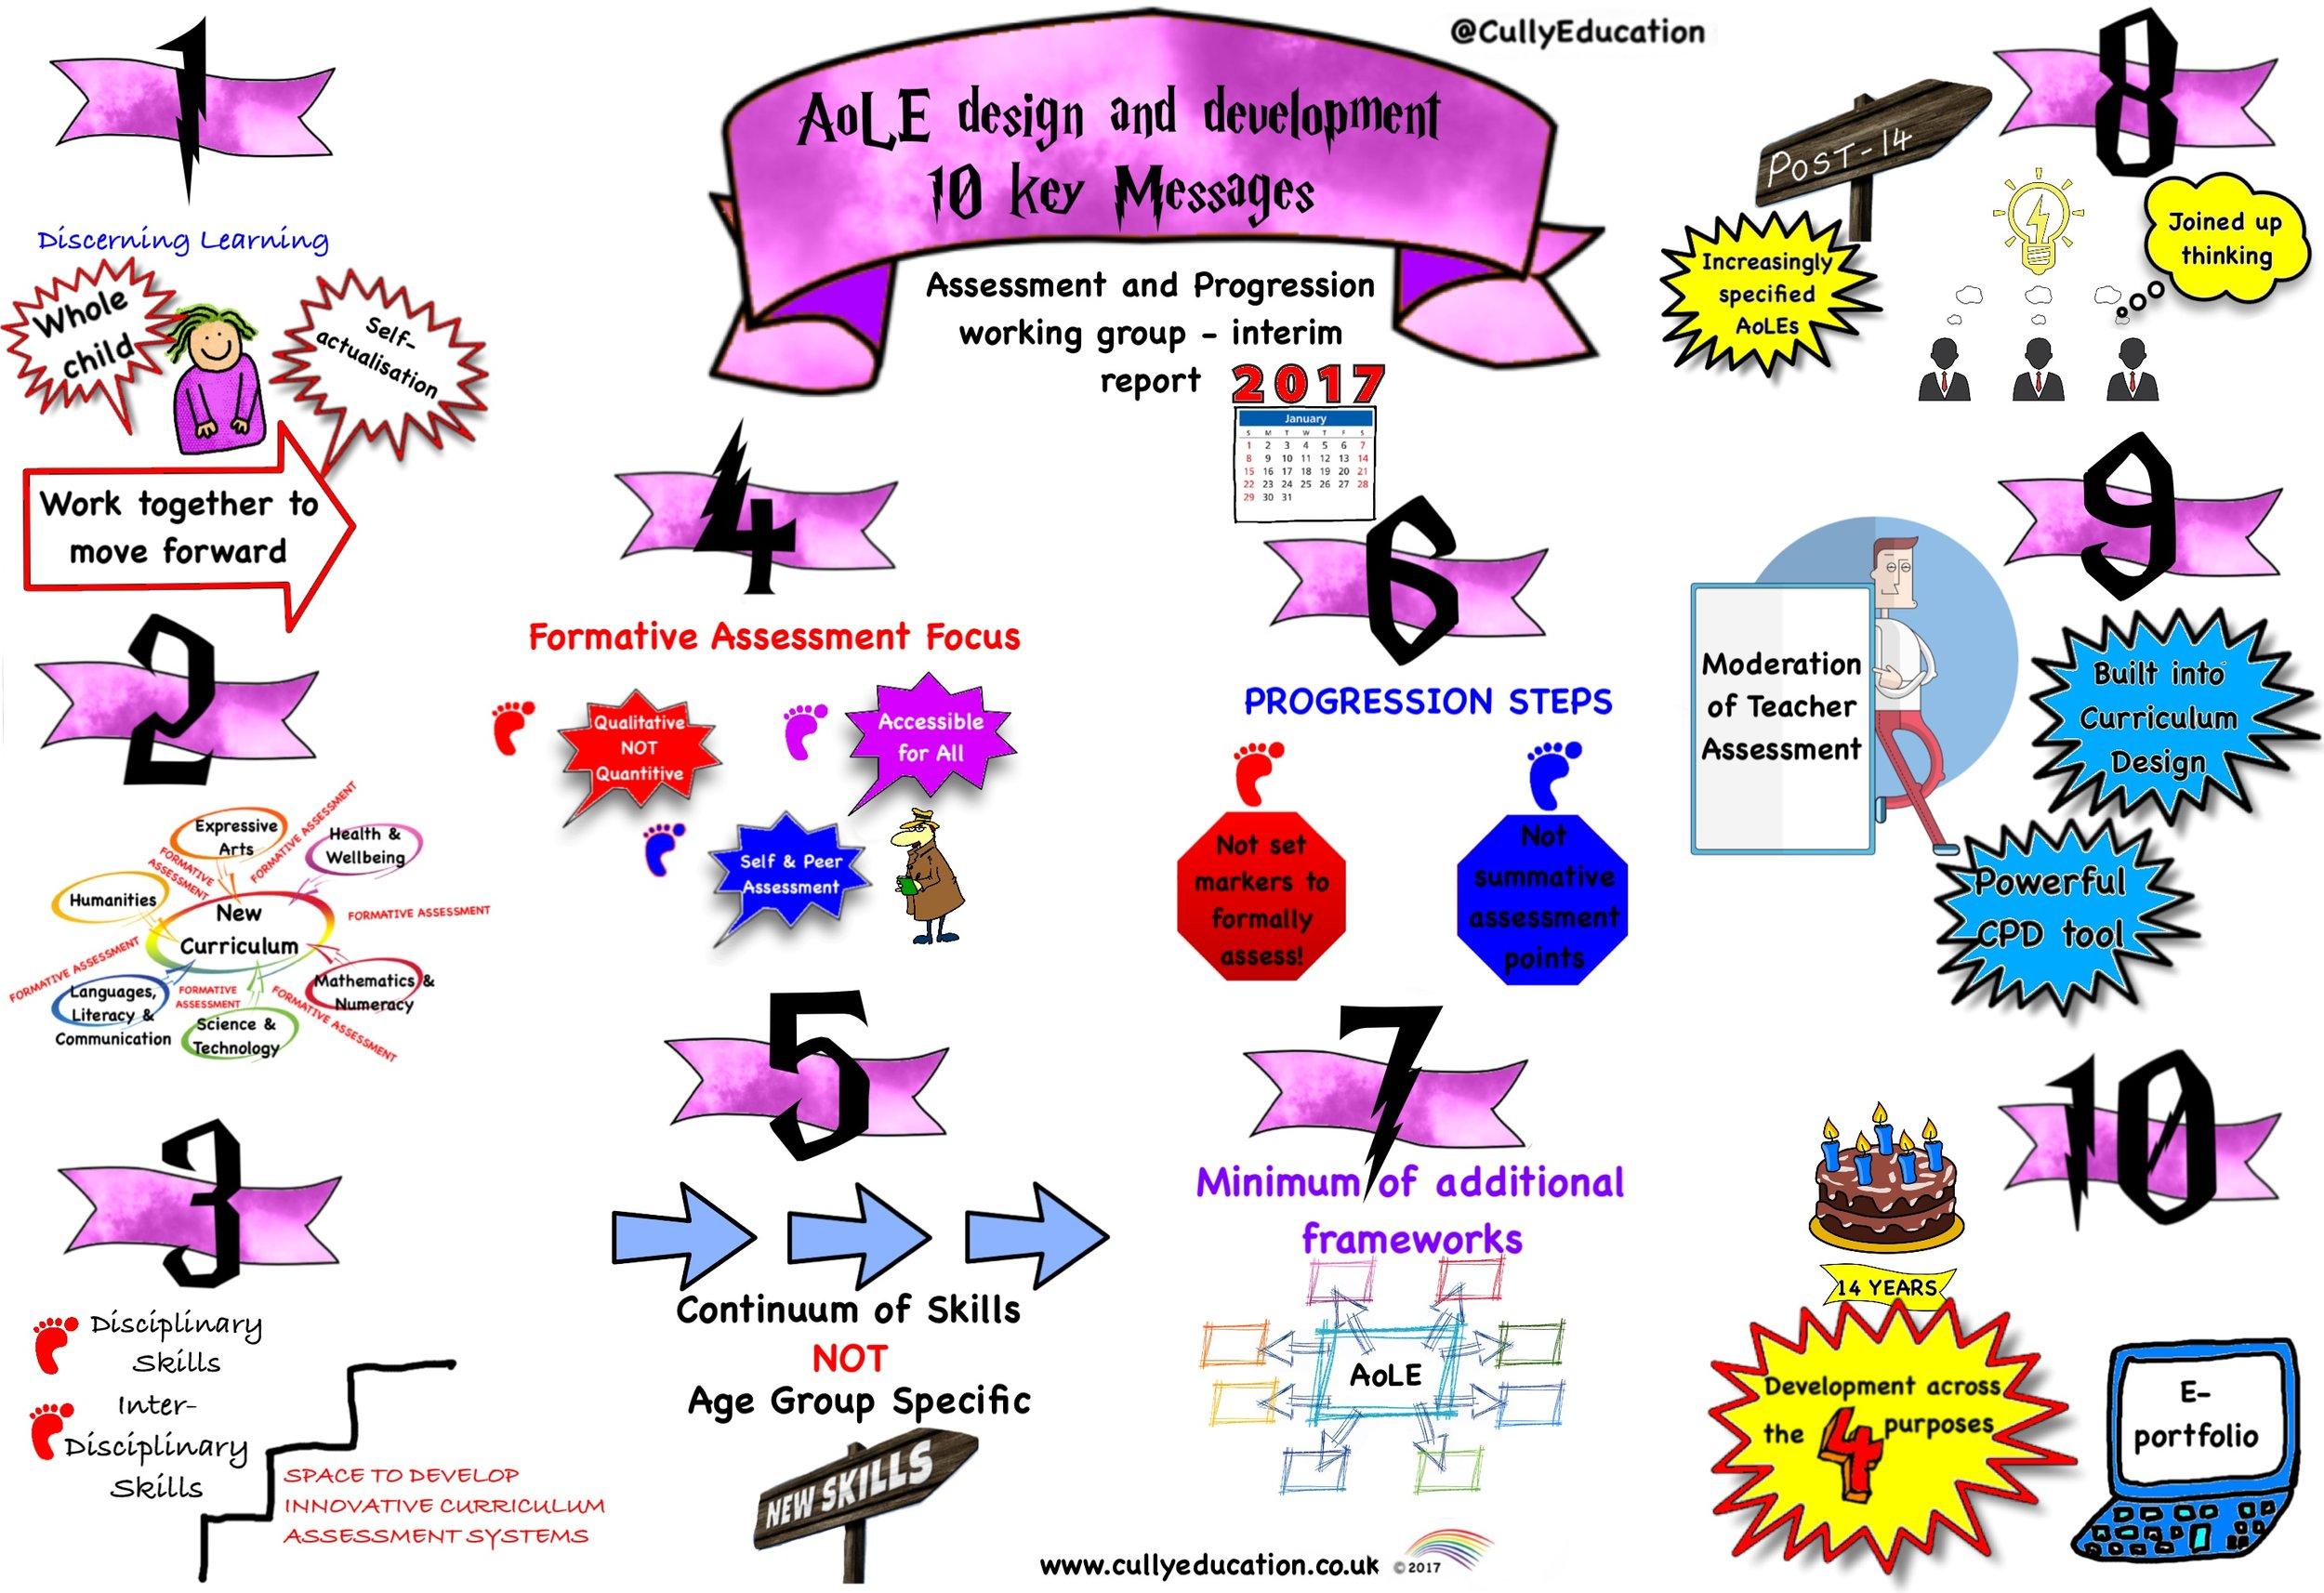 AoLE 10 Key Messages